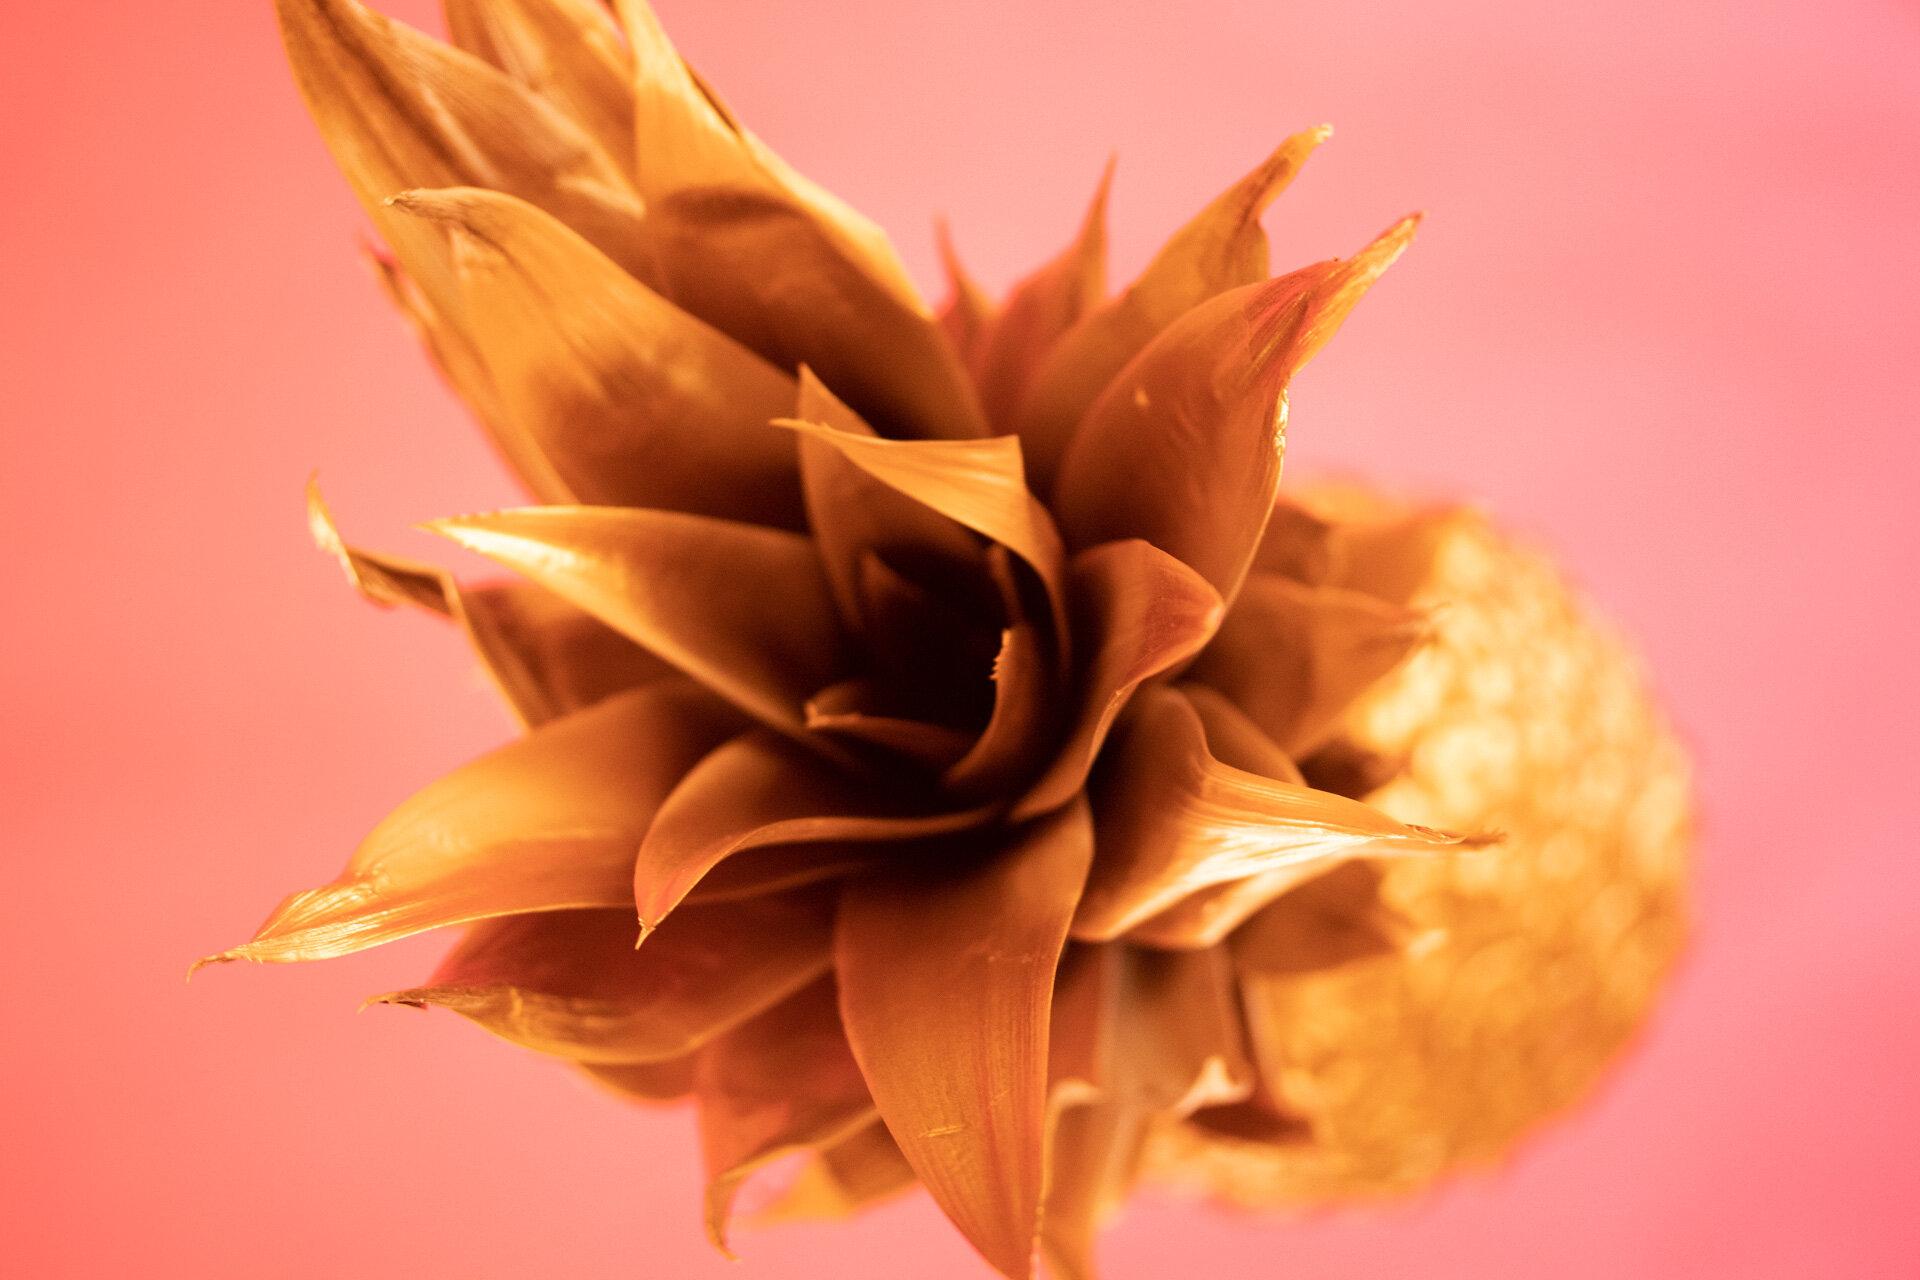 BPP 11 - Golden Pineapple - IG-1.jpg